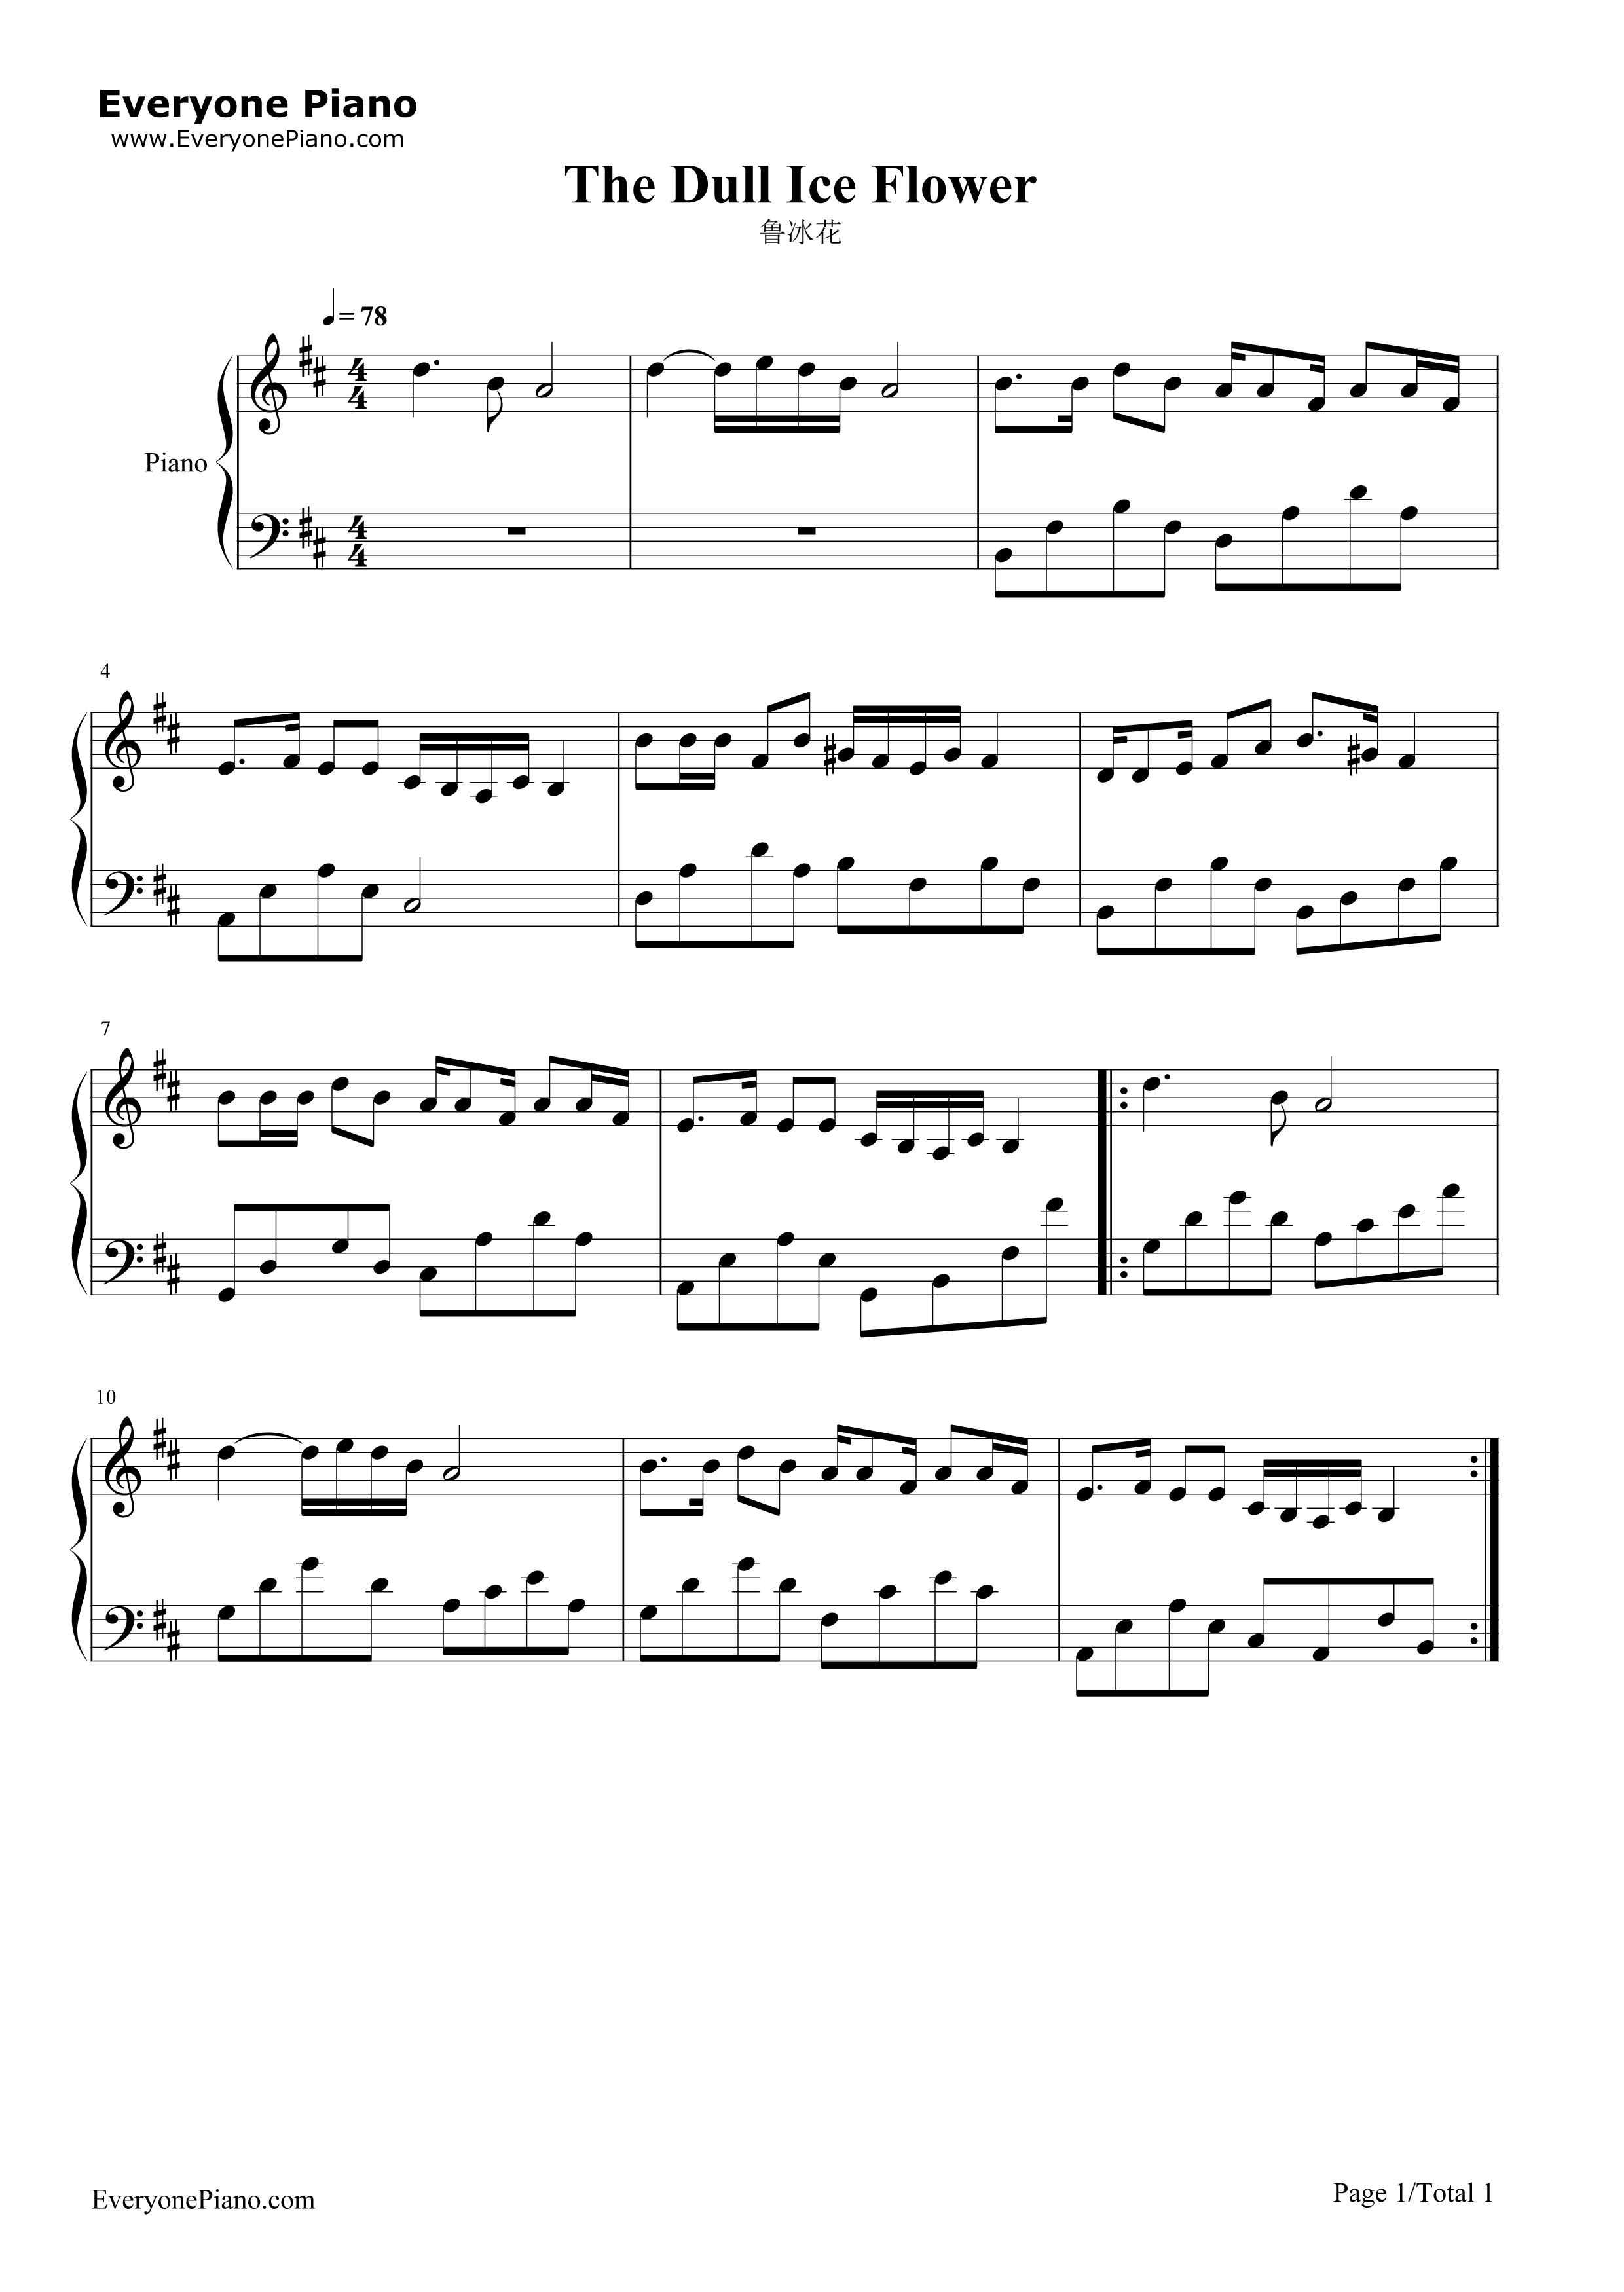 网站首页 钢琴曲谱 儿歌 鲁冰花 >> 鲁冰花五线谱预览1  * 仅供学习